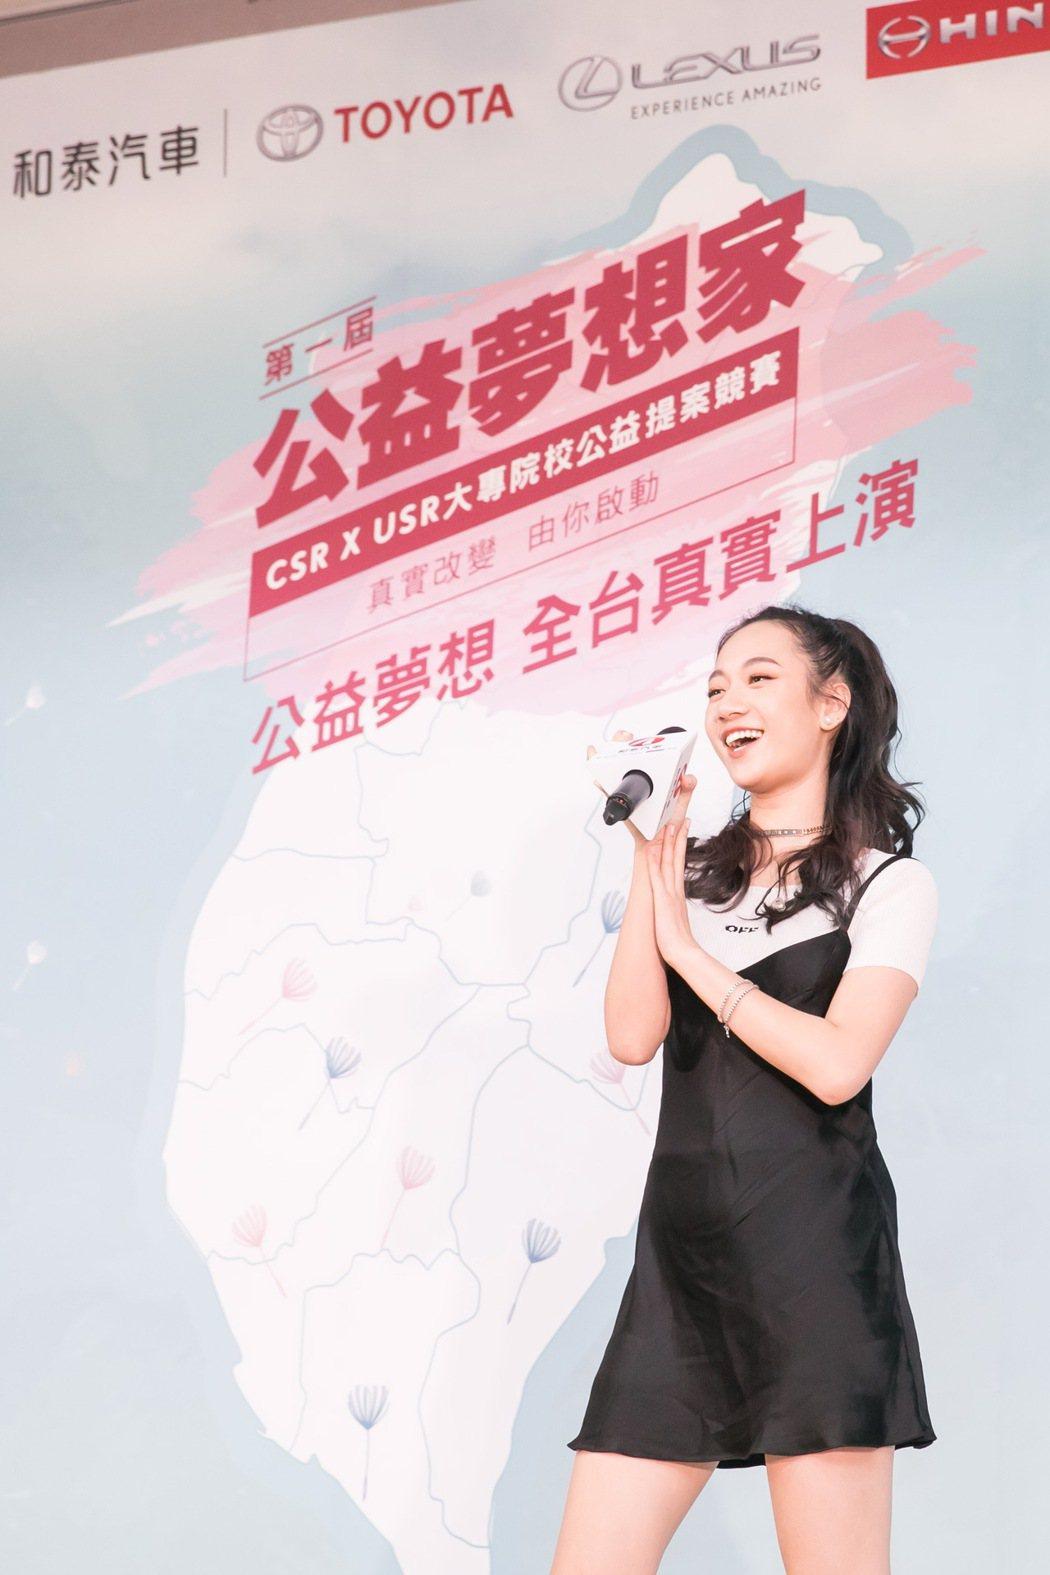 吳卓源出席活動並獻唱演唱創作曲。 圖/和泰汽車提供